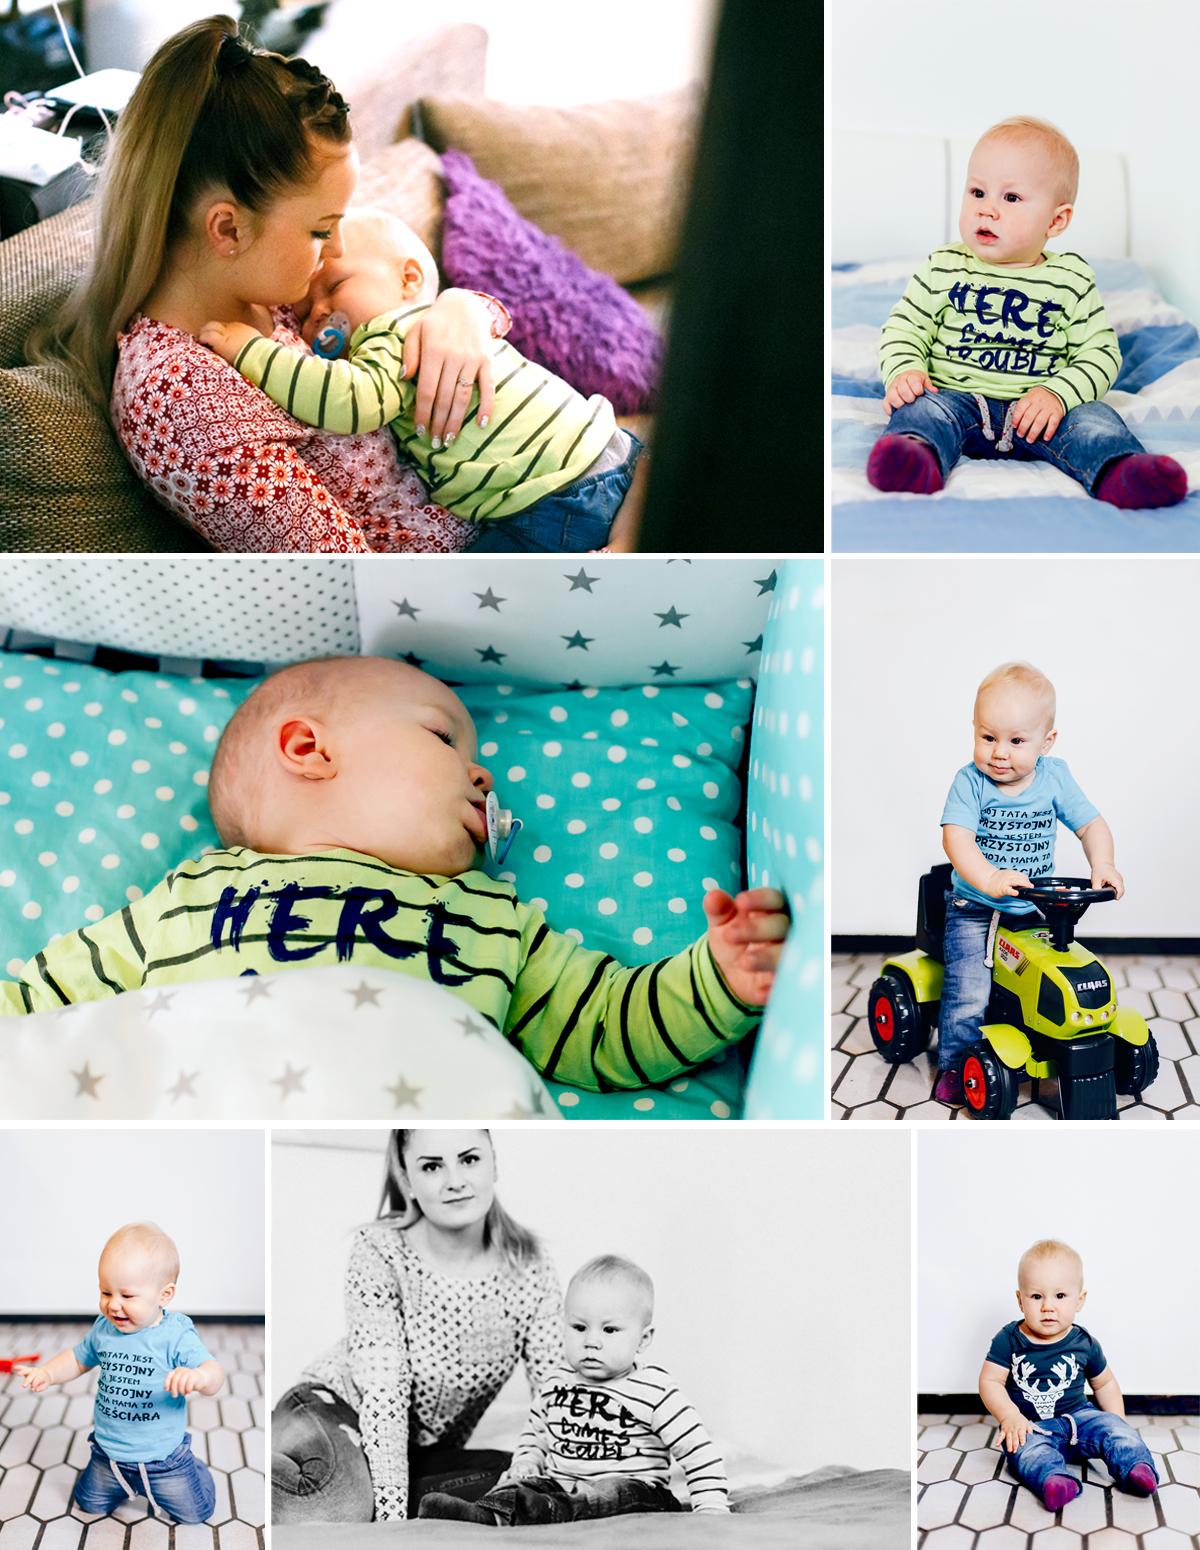 frankfurt am main, kinderbilder, familien shooting, polnishe fotograf, fotograf frankfurt am main, fotoshooting zu hause, love, liebe, kind